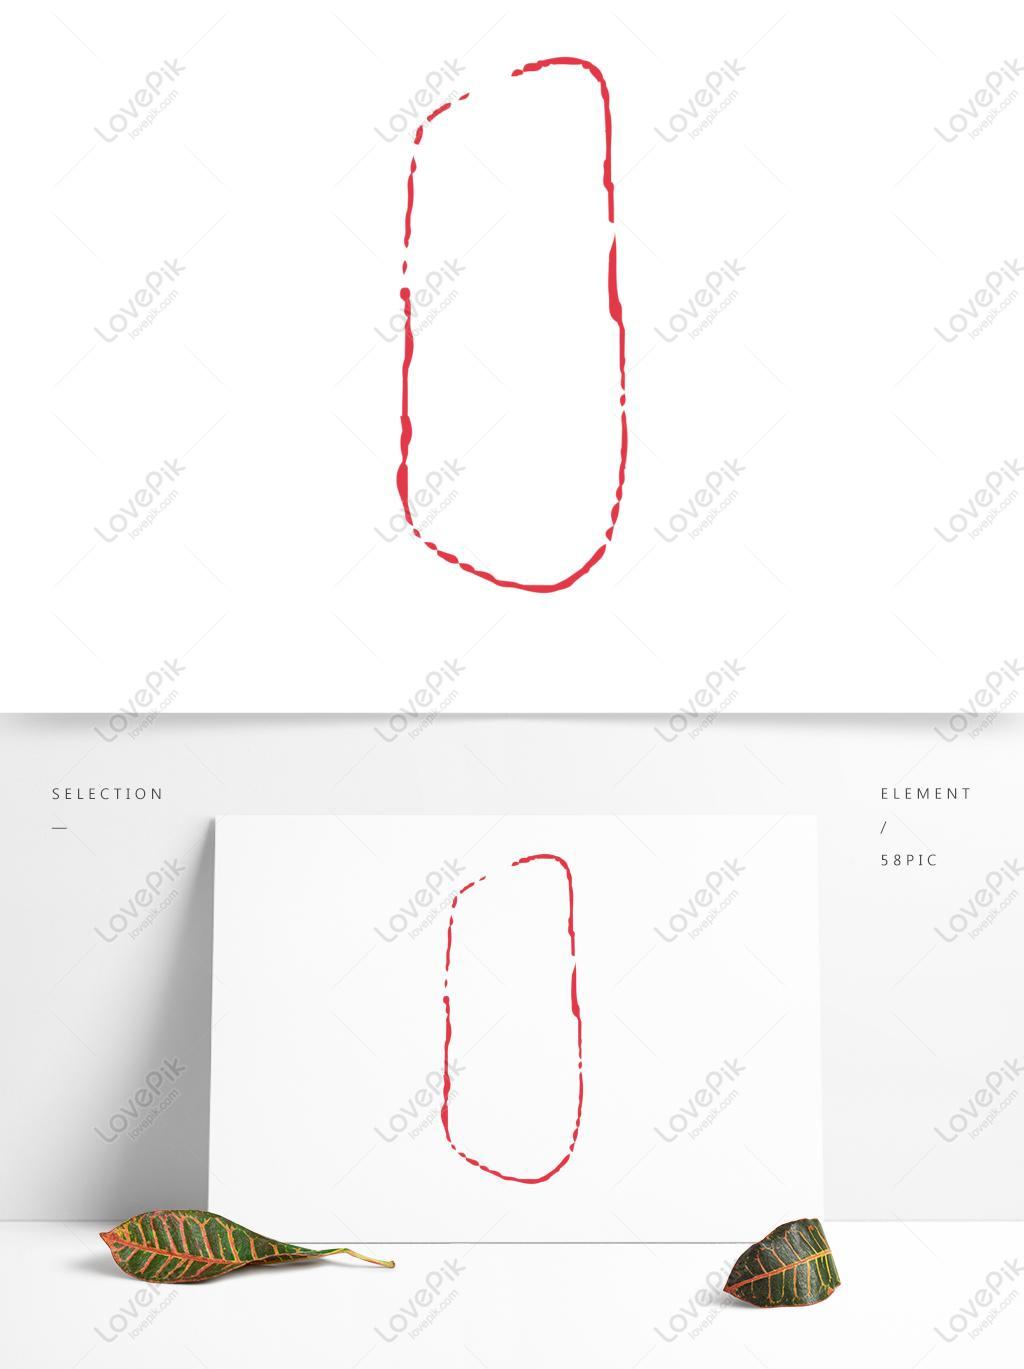 矢量中国风红色圆形边框花纹装饰框图片素材-ai图片